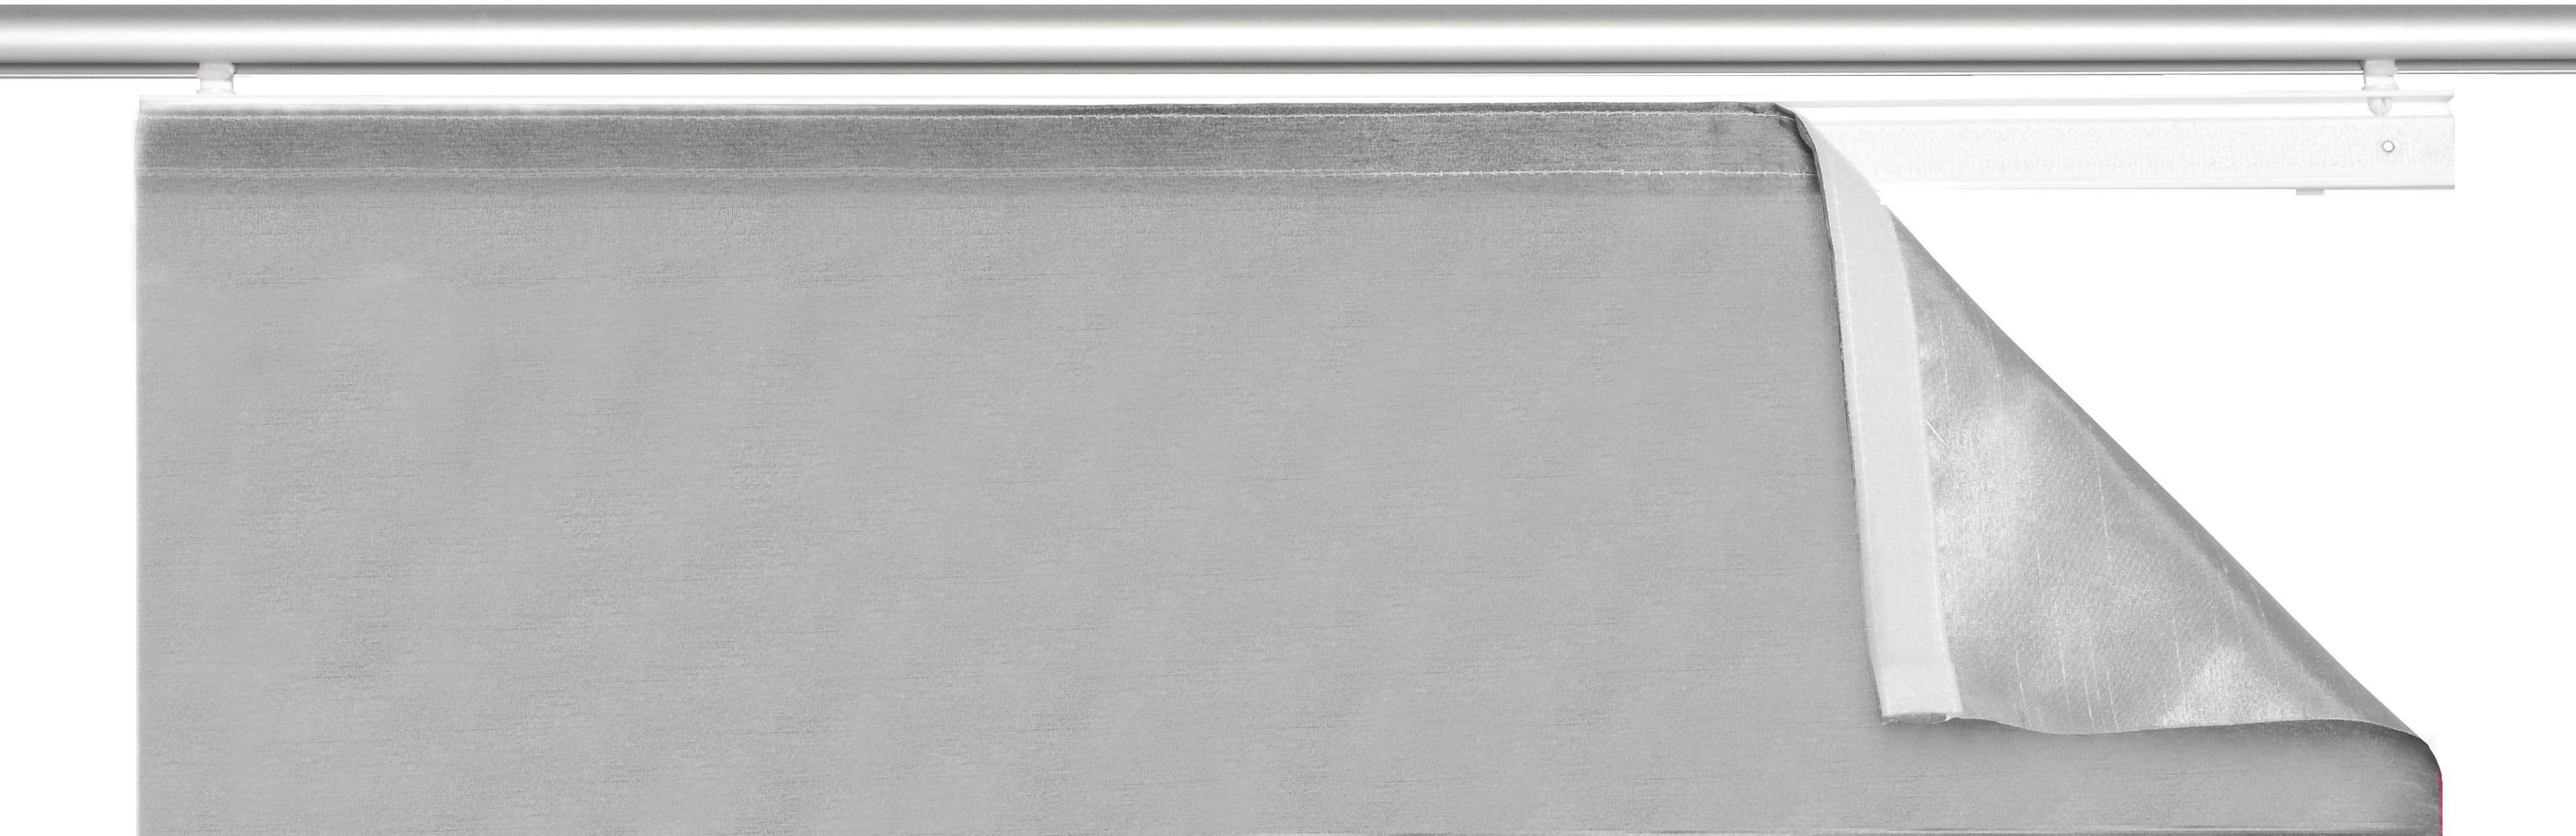 Schiebegardine 4ER SET HAZE, HOME WOHNIDEEN, Paneelwagen (4 Stück), Schiebevorhang 4er Set Digitaldruck online kaufen